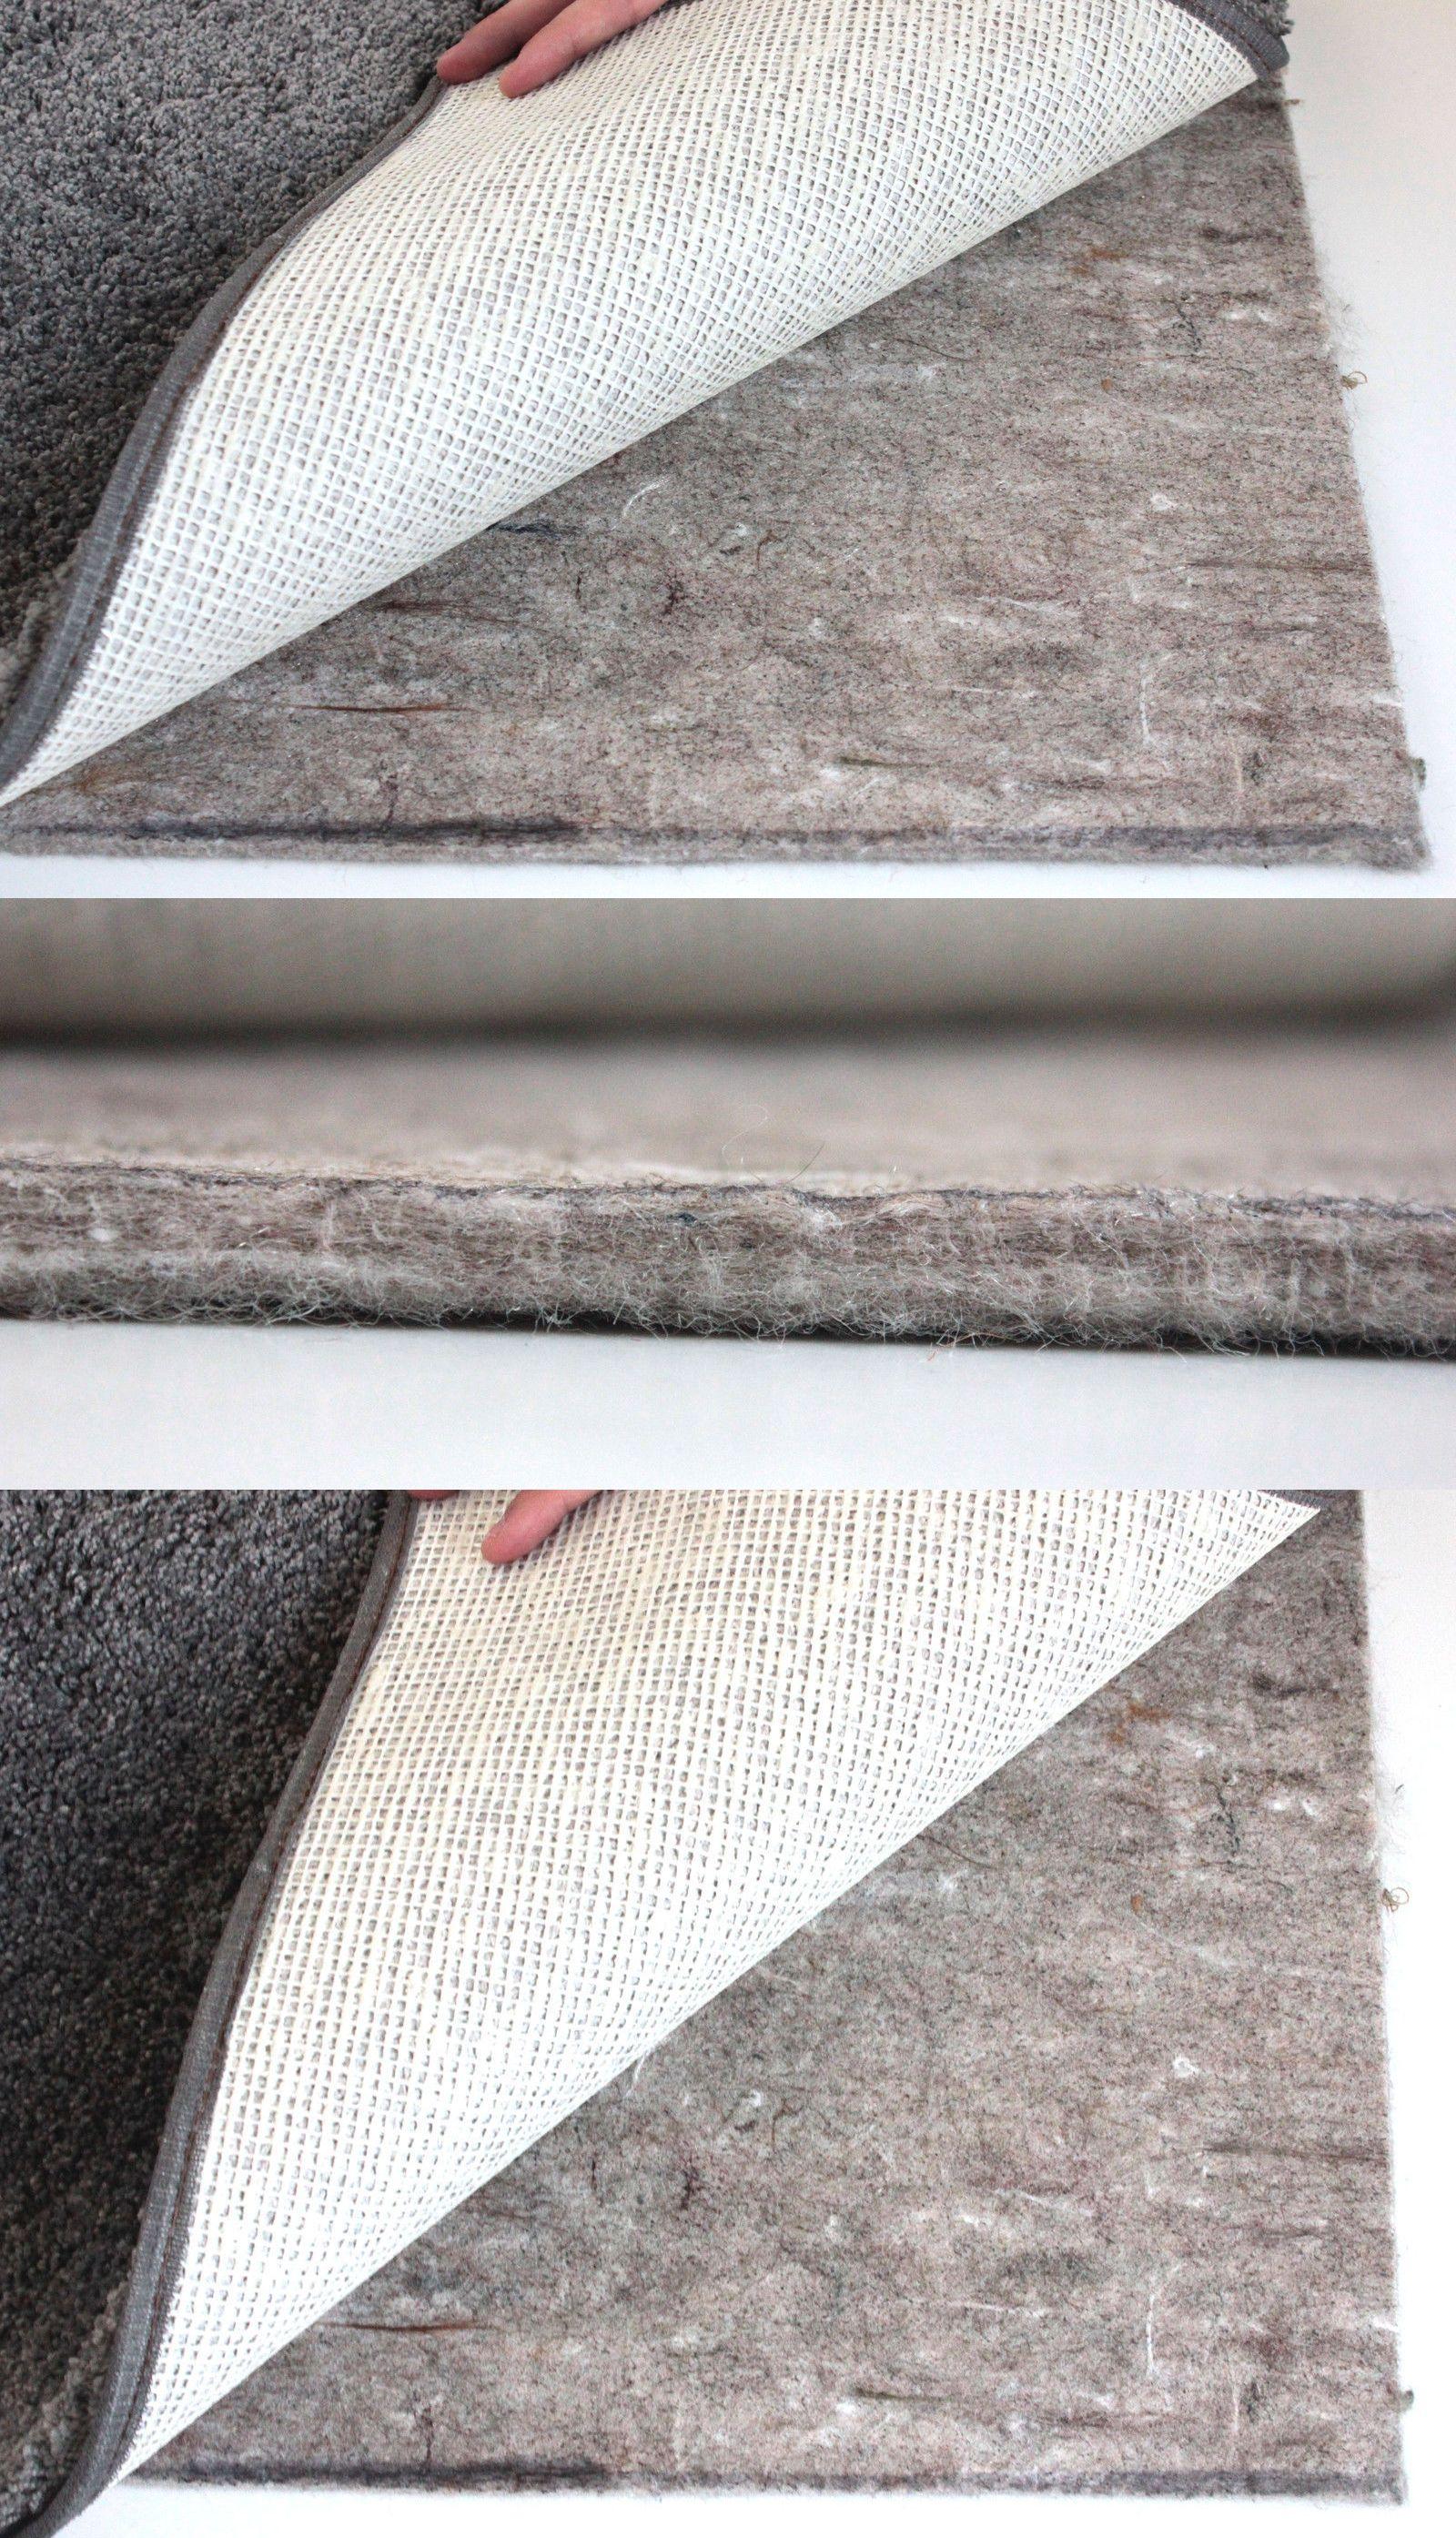 Felt Rug Pad 3 8 Thick For Area Rug On Hardwood Floors Custom Sizes 32 Oz Pad Ebay Rugs Rug Pad Area Rugs